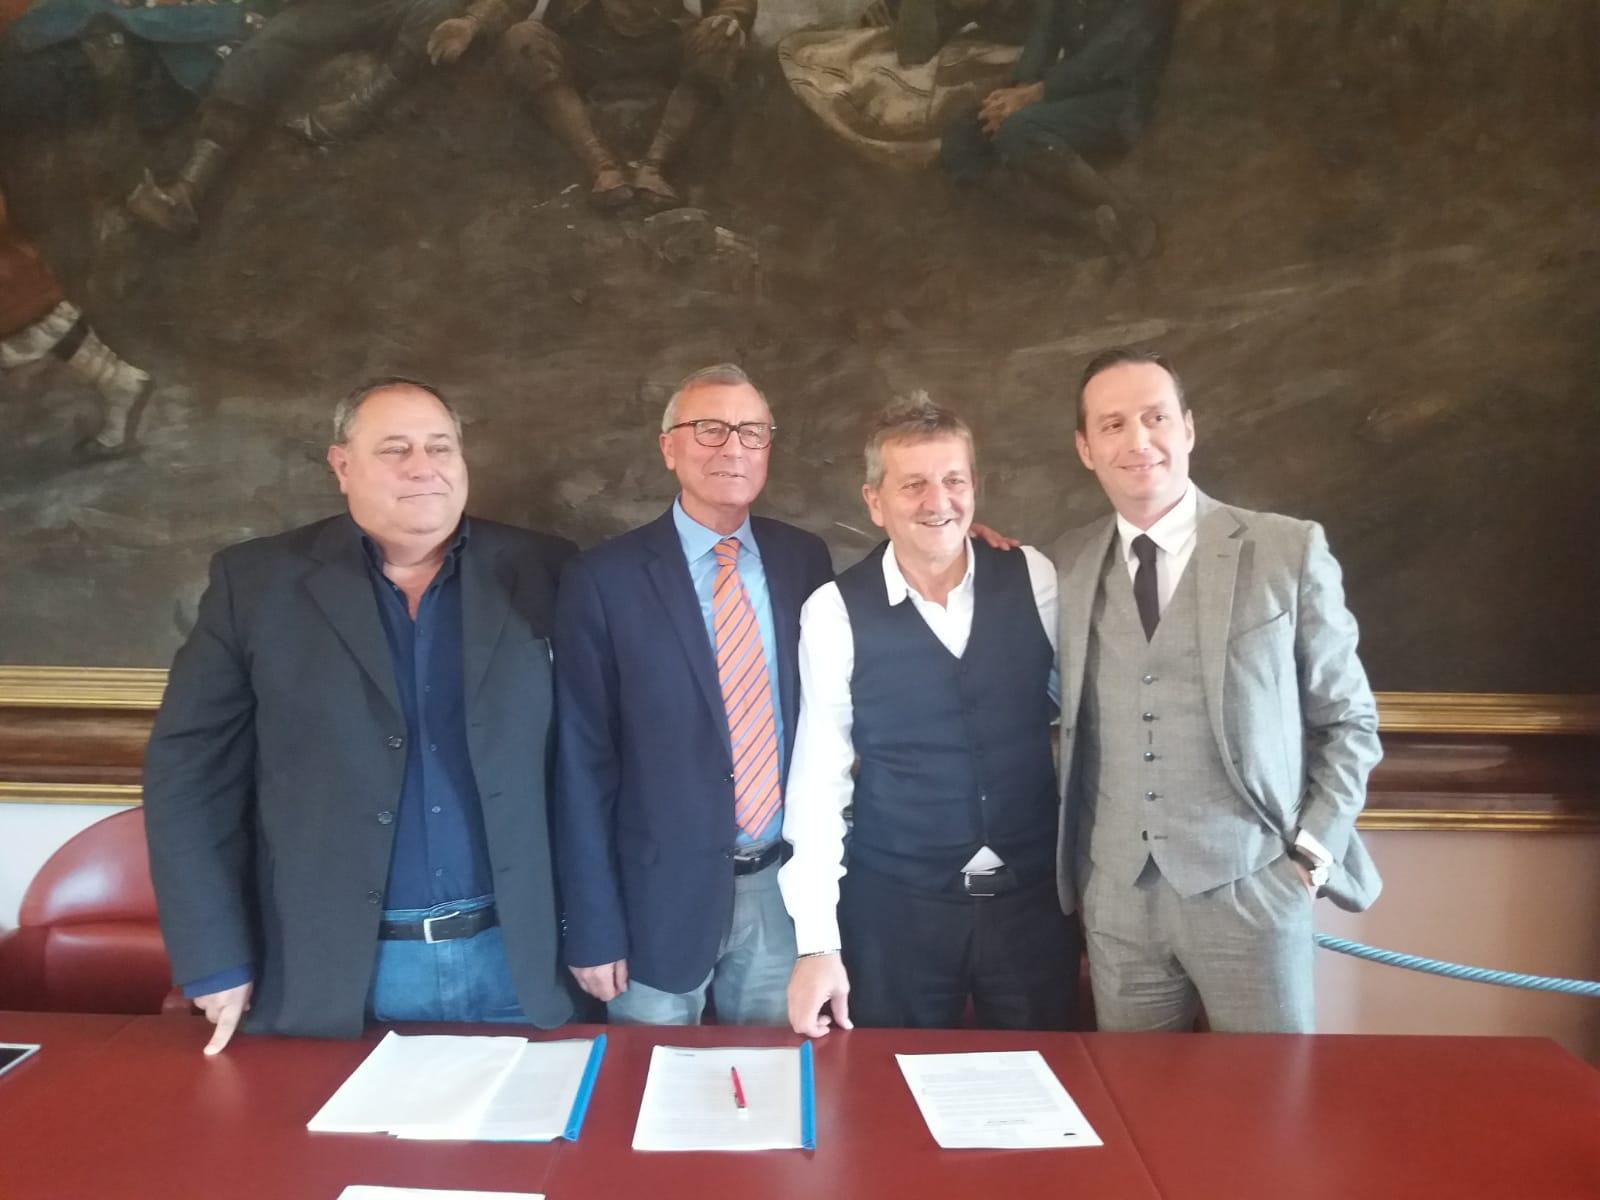 """Presentazione ufficiale di Avanti Abruzzo, """"Con il Territorio e per il Territorio, sì ai programmi, no ai recinti ideologici"""""""